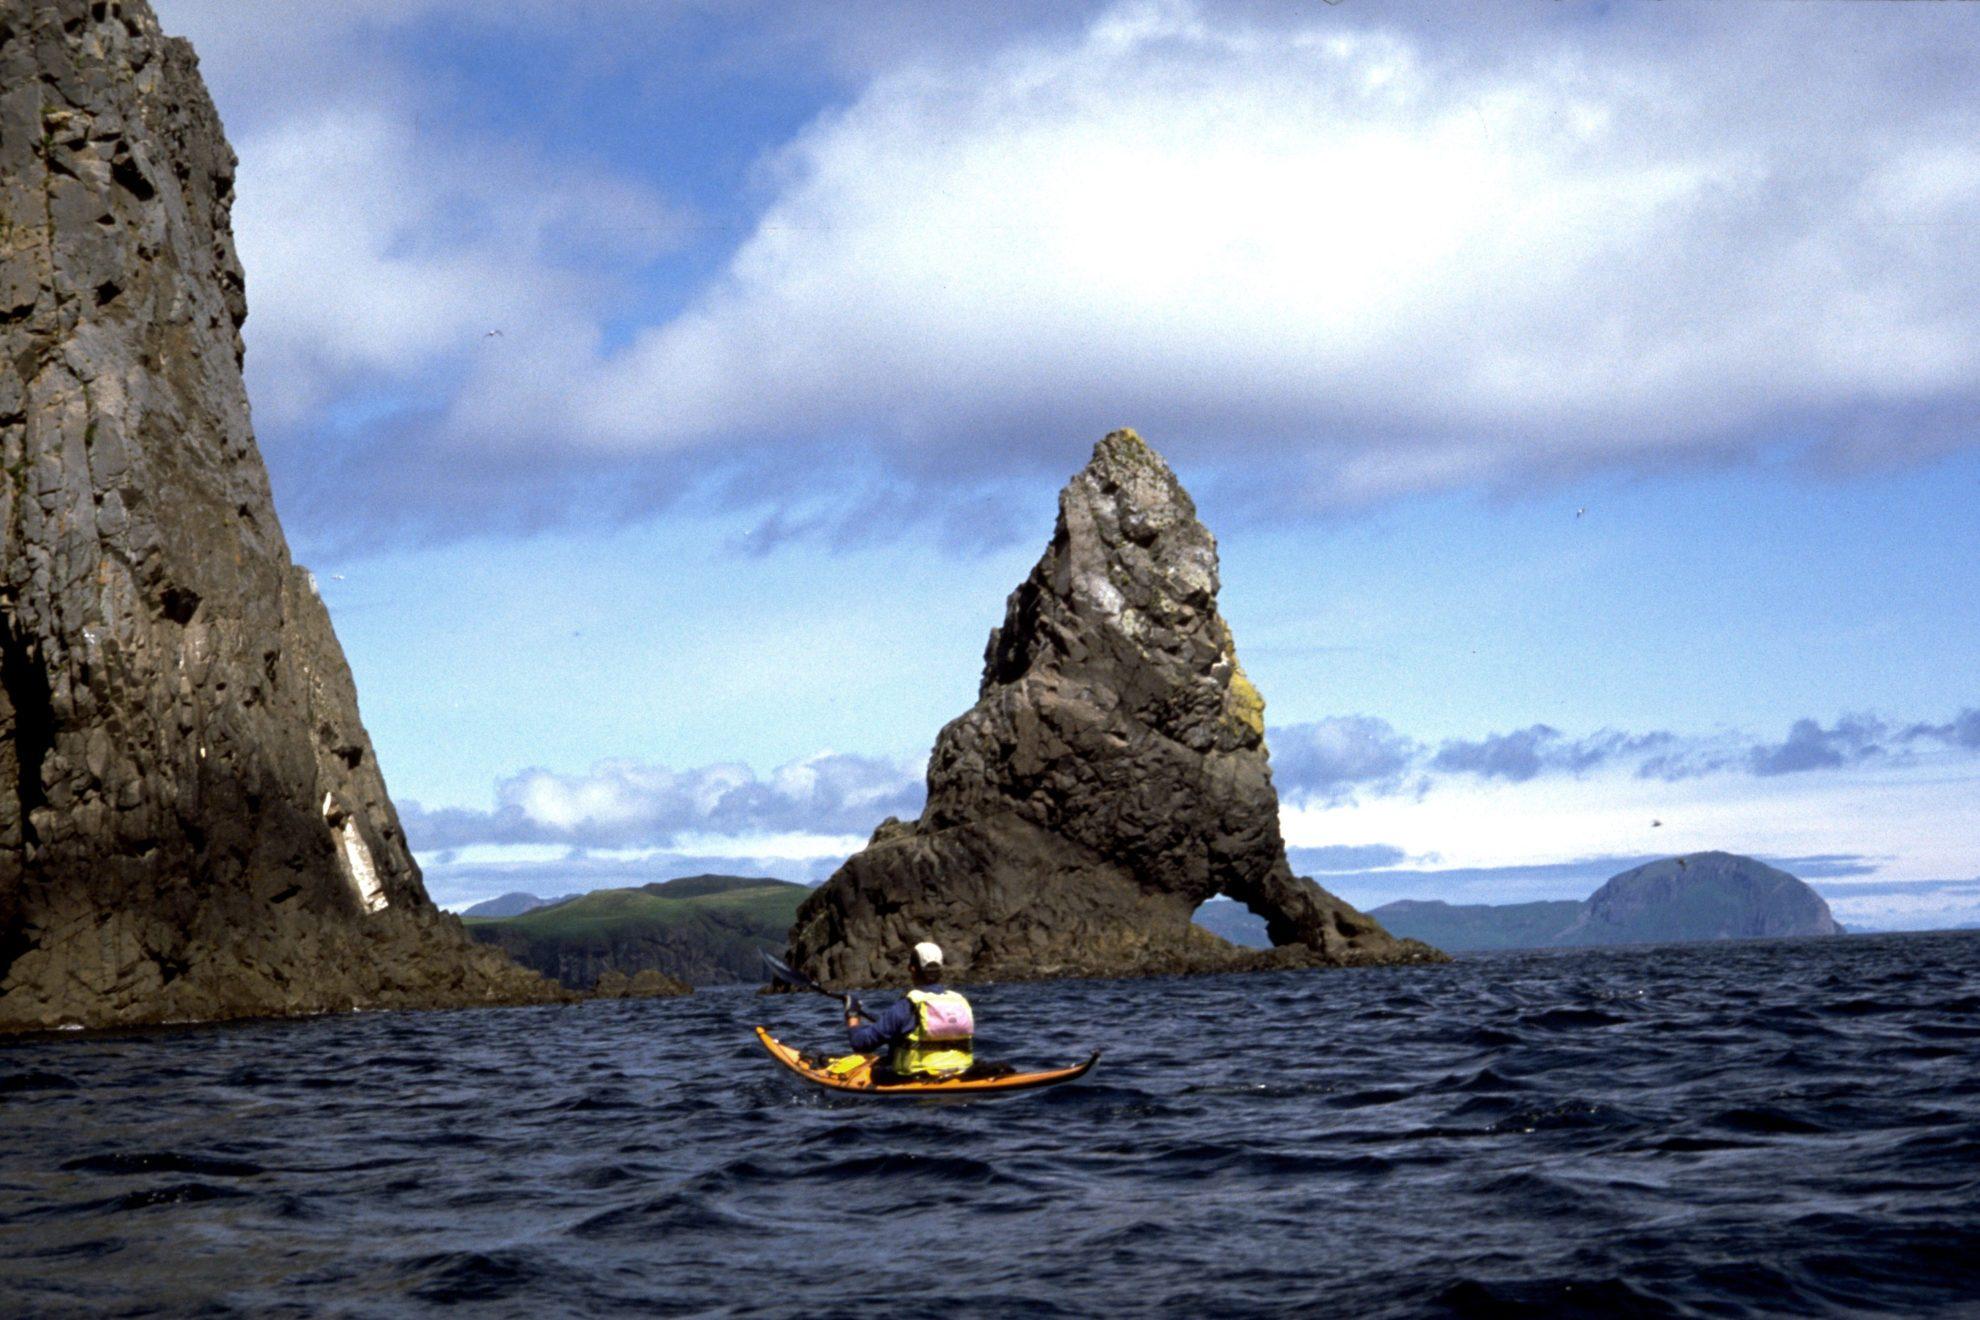 Острова Шумагина, названные в честь матроса, умершего от цинги и похороненного там.